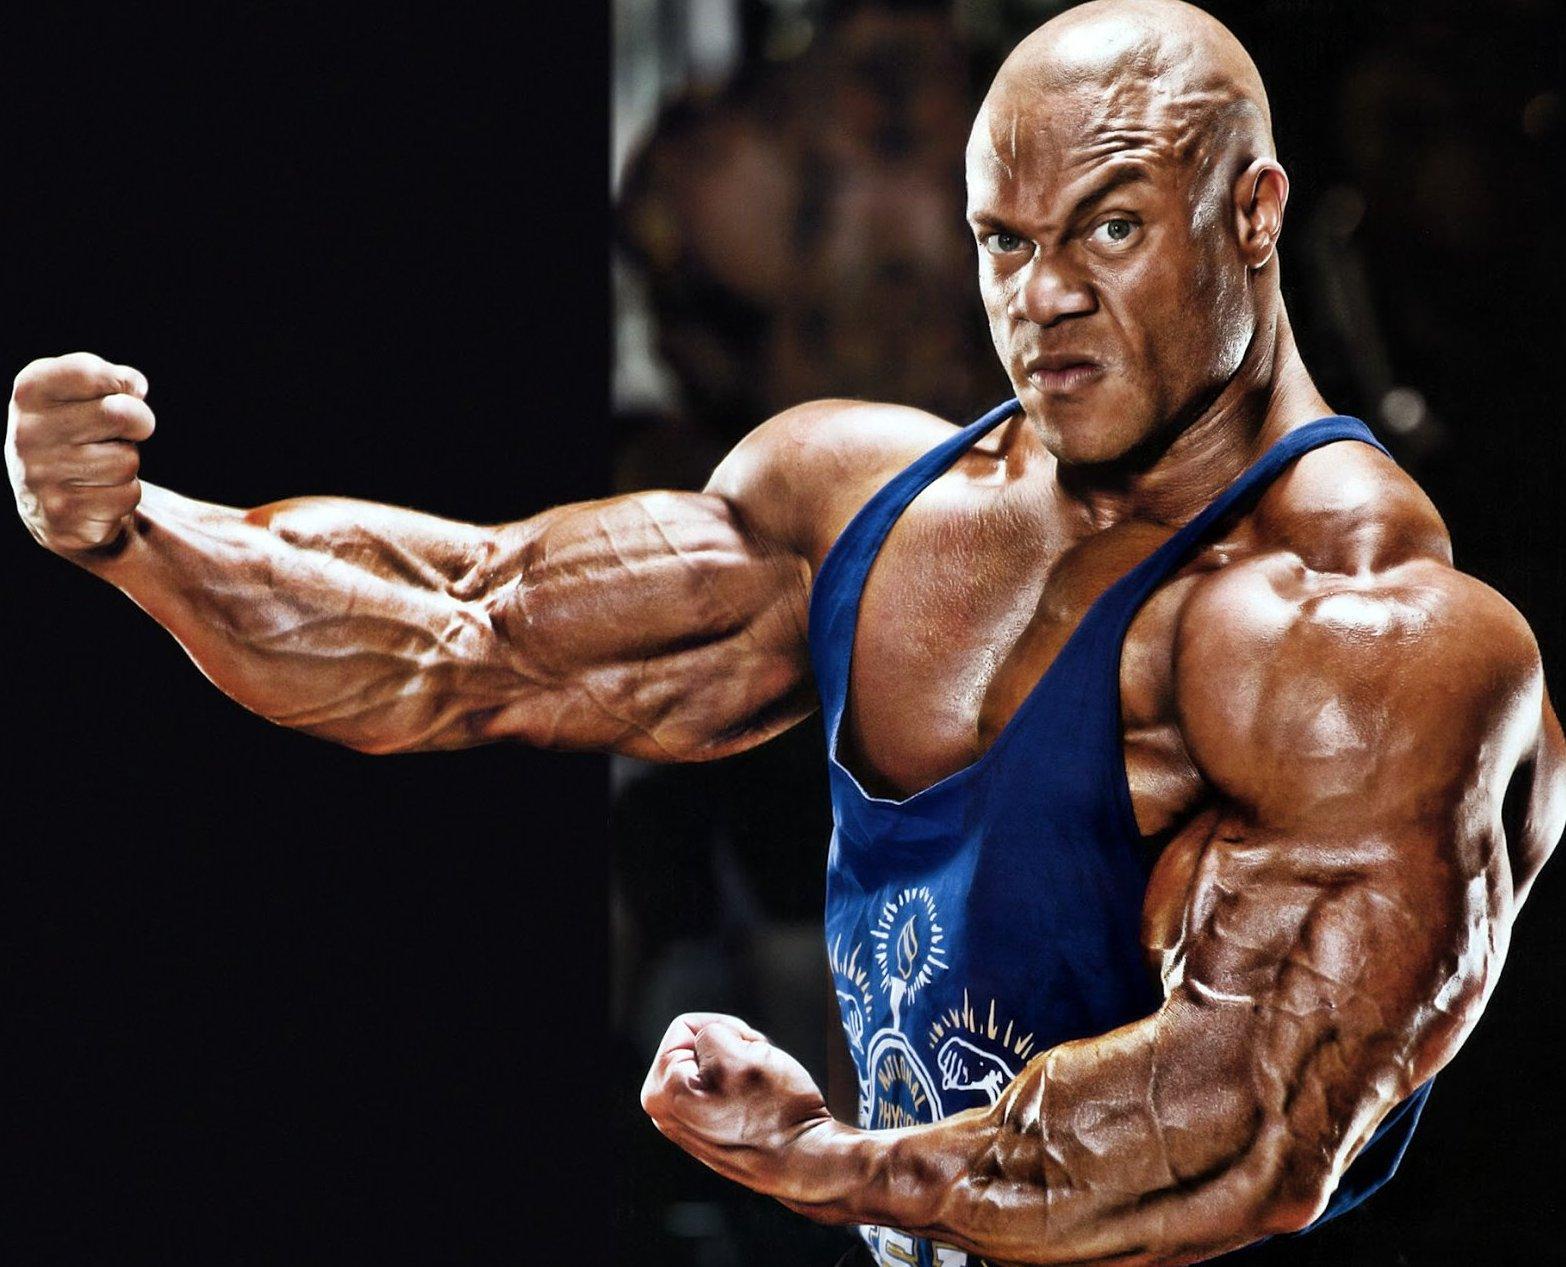 Фил Хит демонстрирует мышцы рук